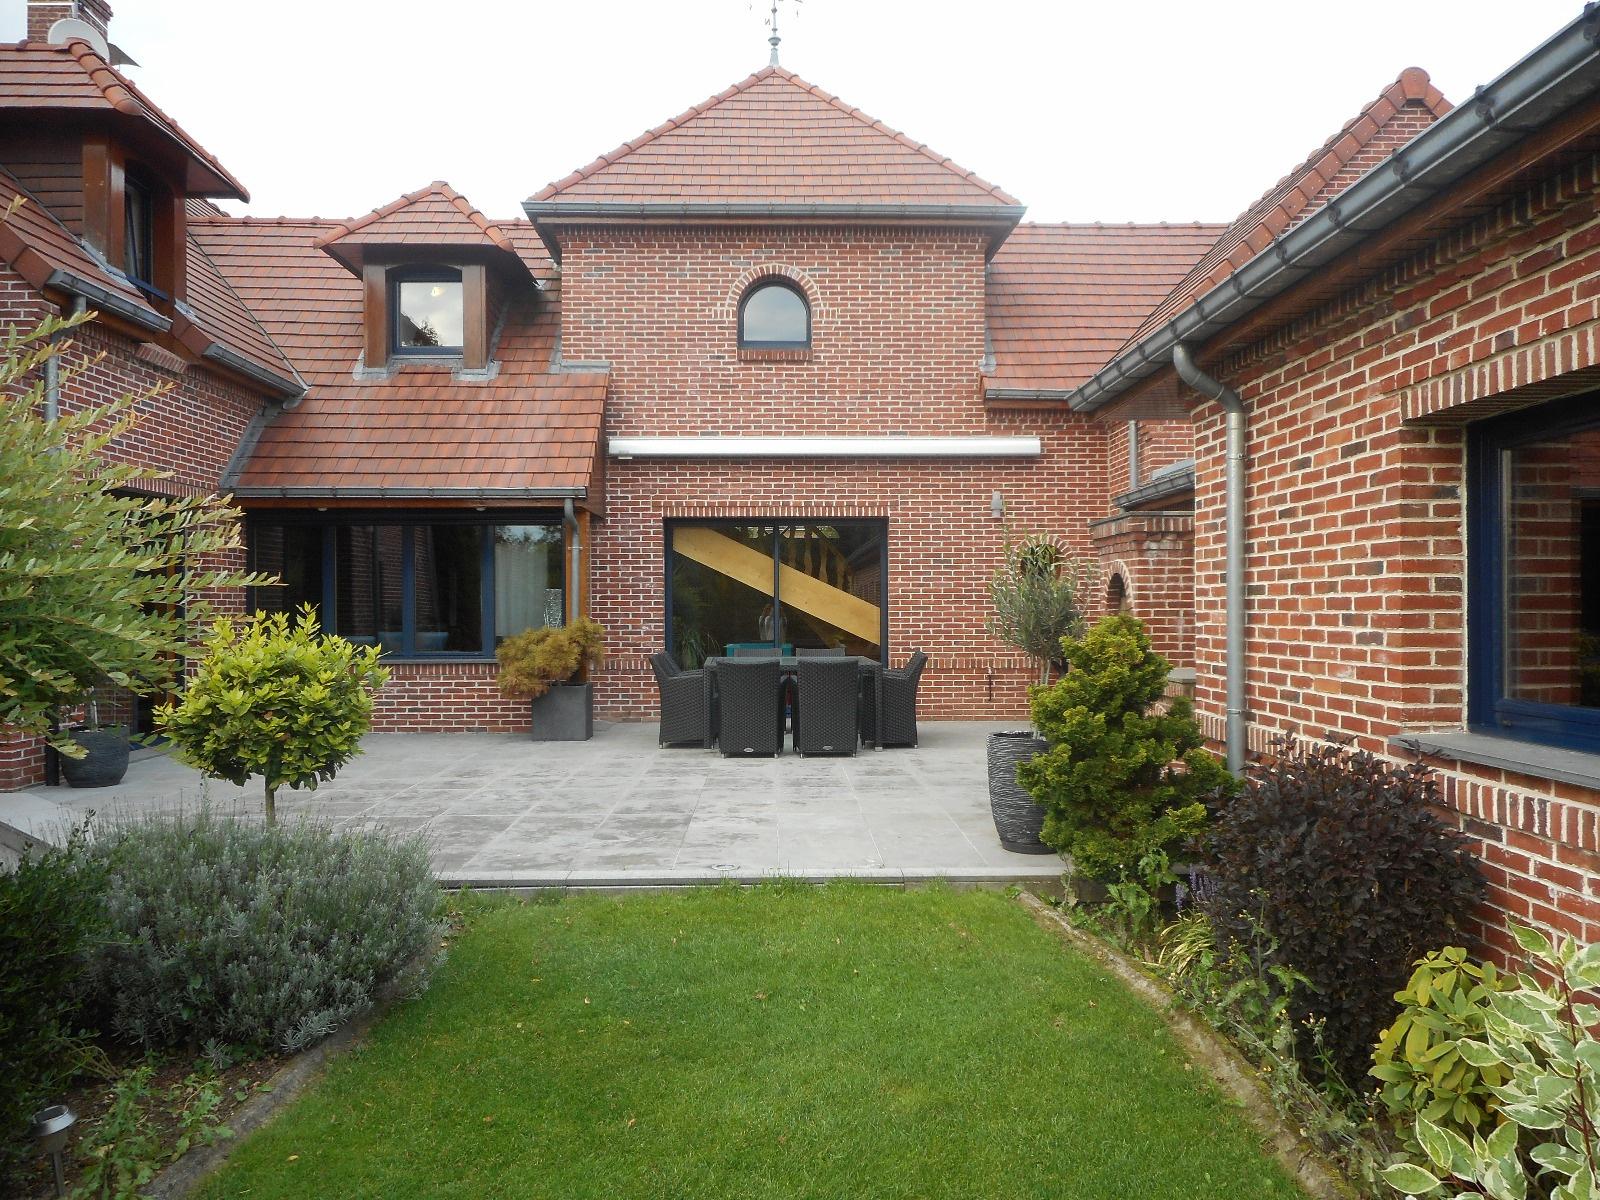 Maison d'architecte Villereau piscine interieure  Annie Caillier 0683162981